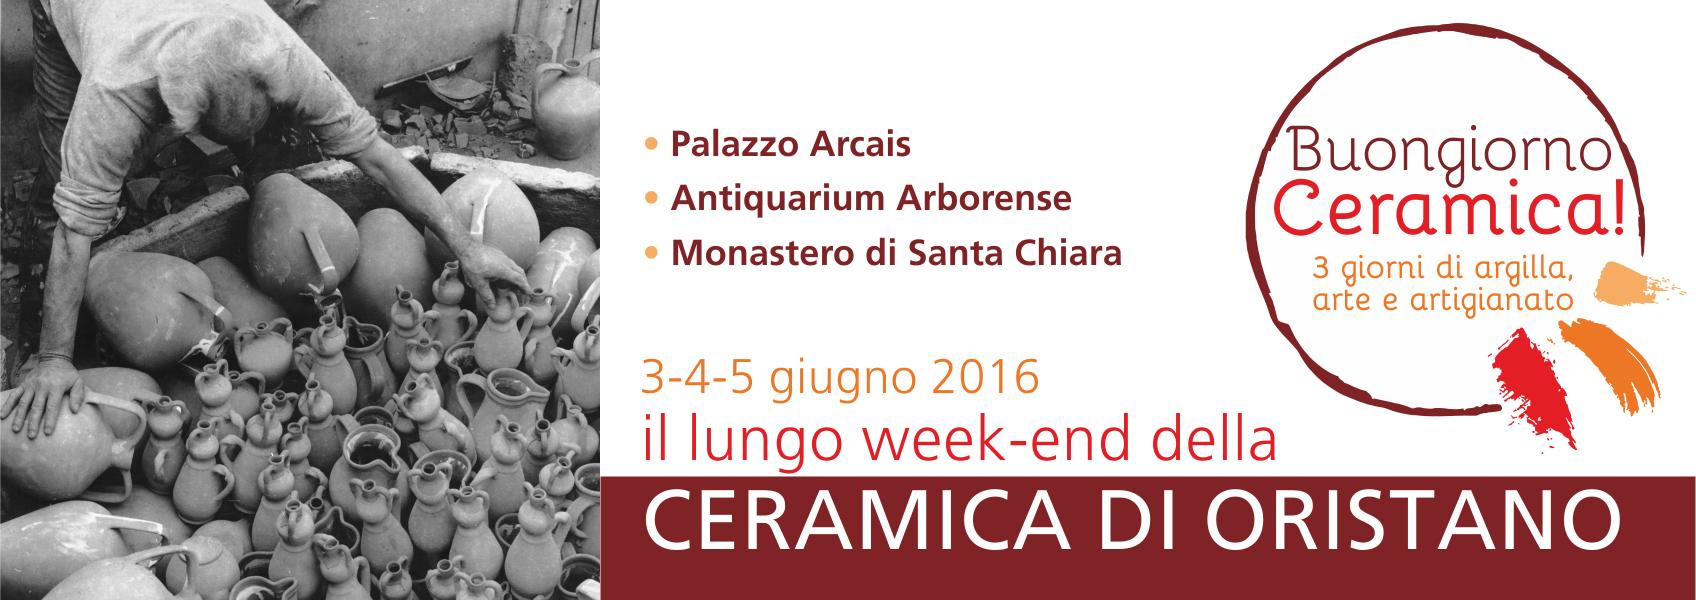 Buongiorno ceramica a Oristano il lungo week end della ceramica tradizionale. Da venerdì 3 a domenica 5 giugno 2016 il centro storico di Oristano metterà in mostra le bellezze prodotte dai maestri ceramisti d'Italia.